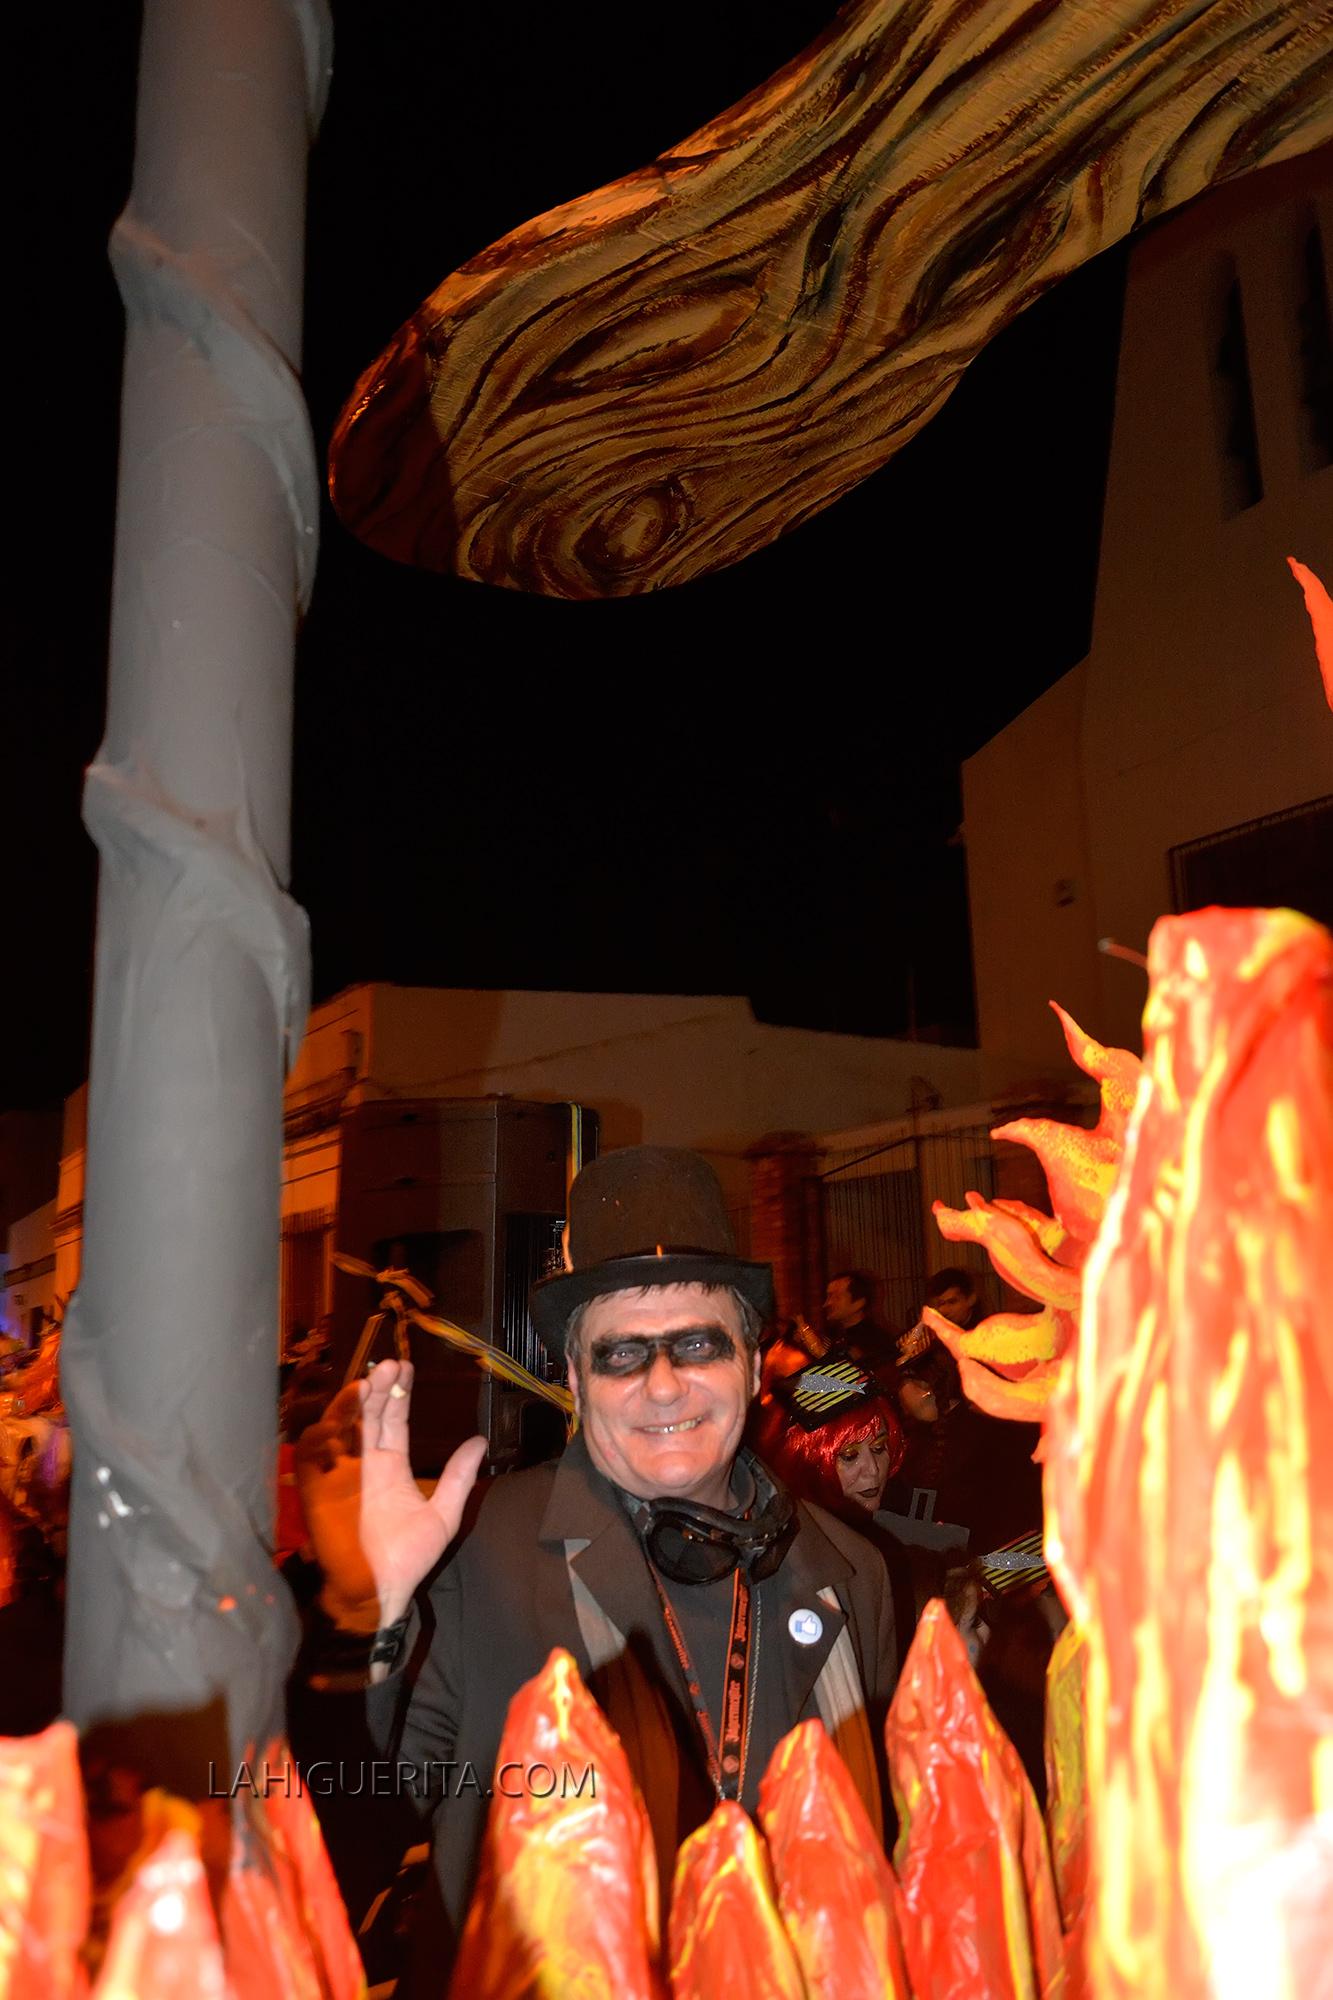 Entierro de la sardina carnaval isla cristina _DSC2290